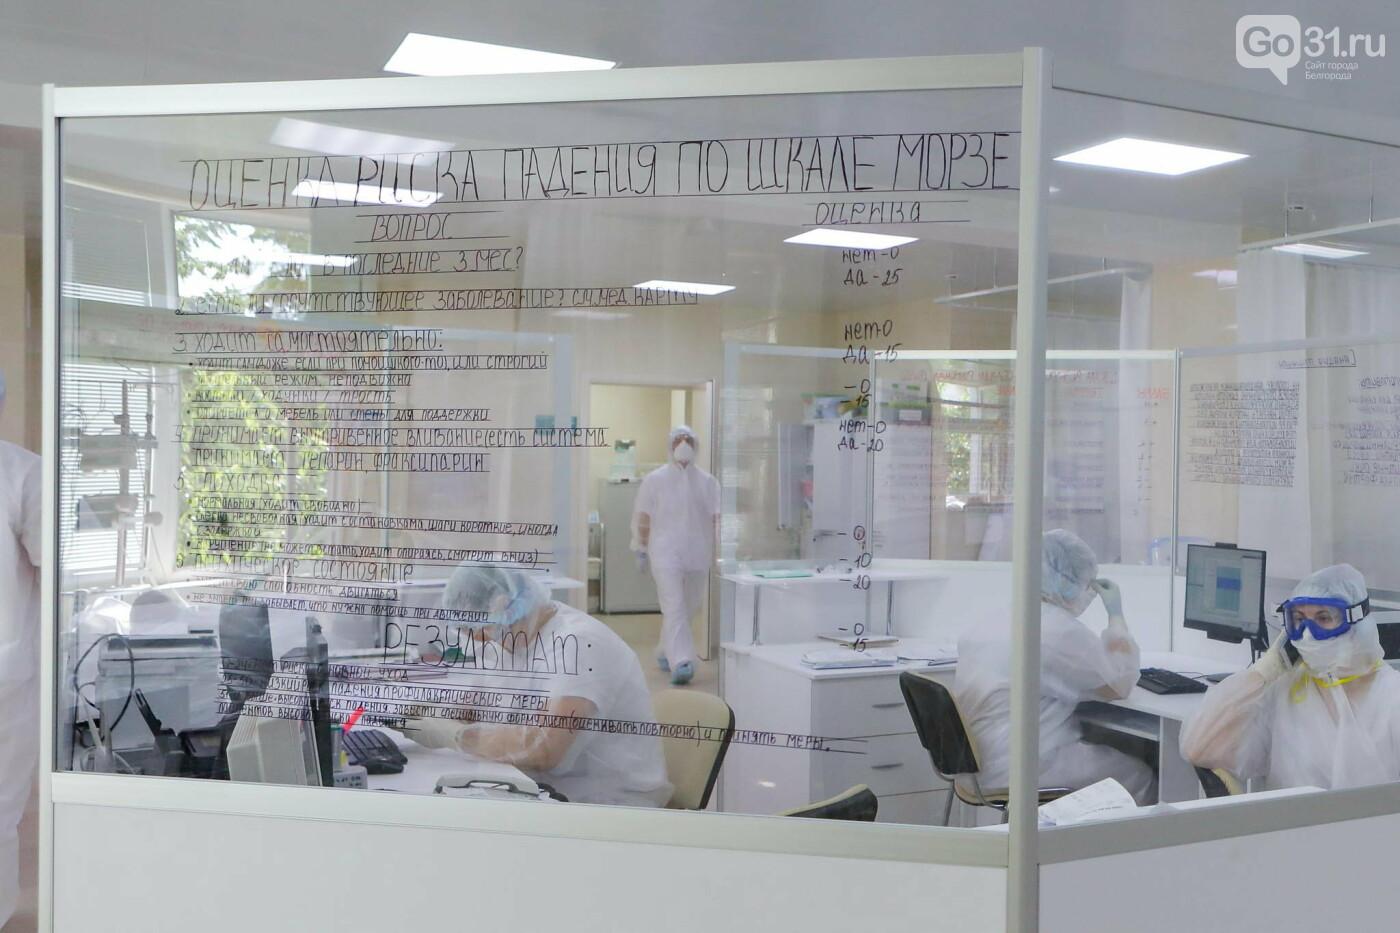 «Вы вообще понимаете, о чём говорите?» Главврач белгородского ковид-госпиталя – о пандемии коронавируса, фото-8